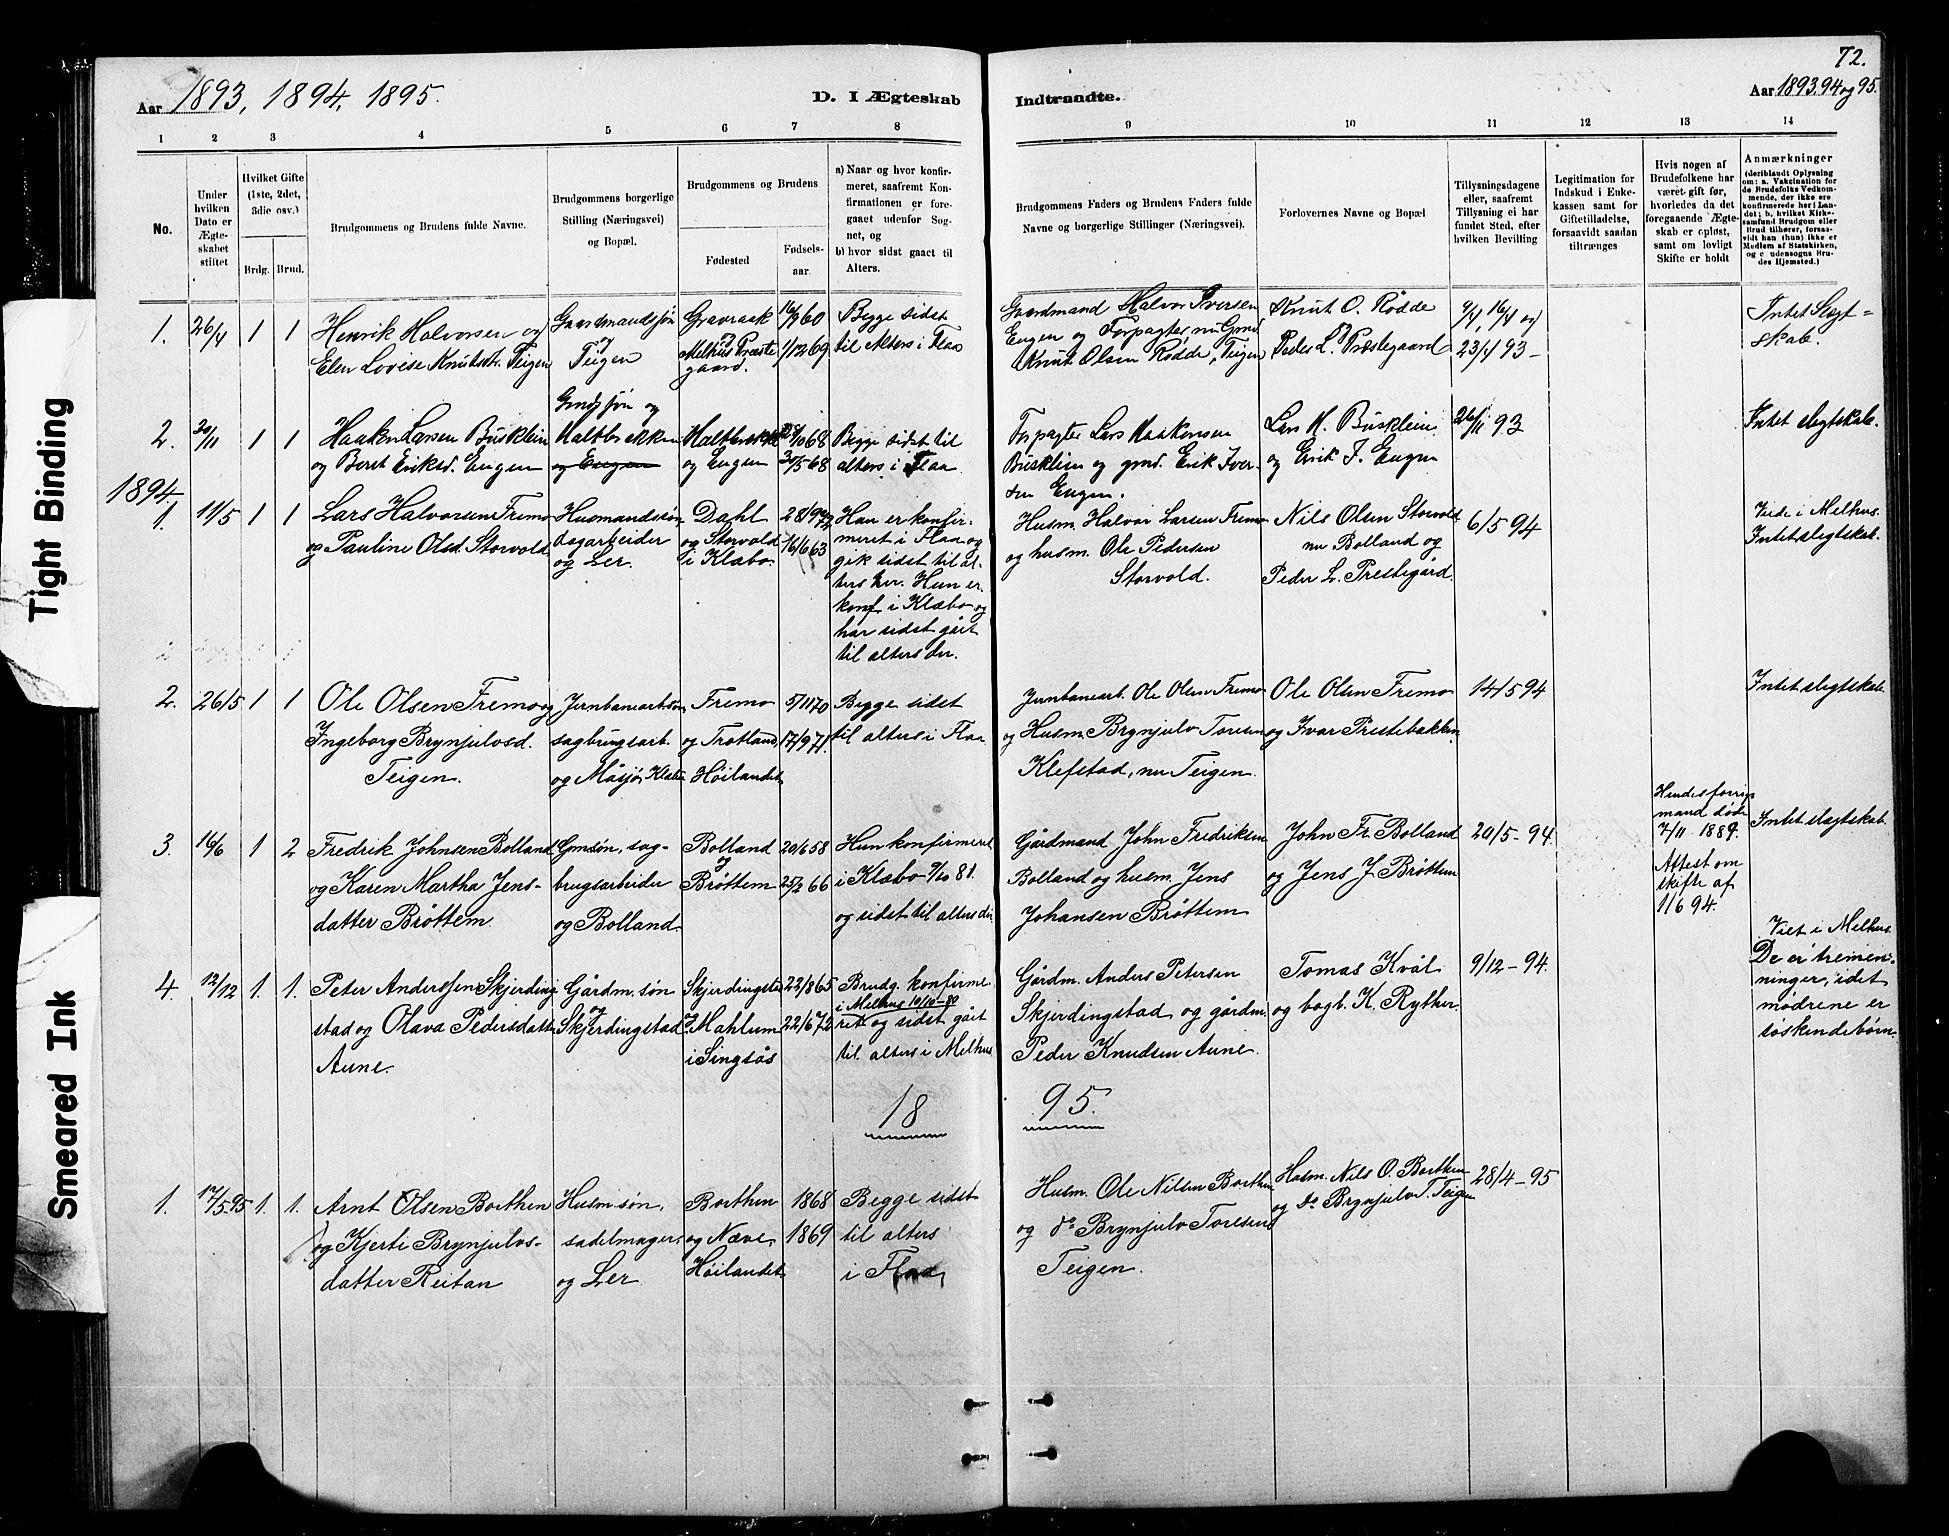 SAT, Ministerialprotokoller, klokkerbøker og fødselsregistre - Sør-Trøndelag, 693/L1123: Klokkerbok nr. 693C04, 1887-1910, s. 72